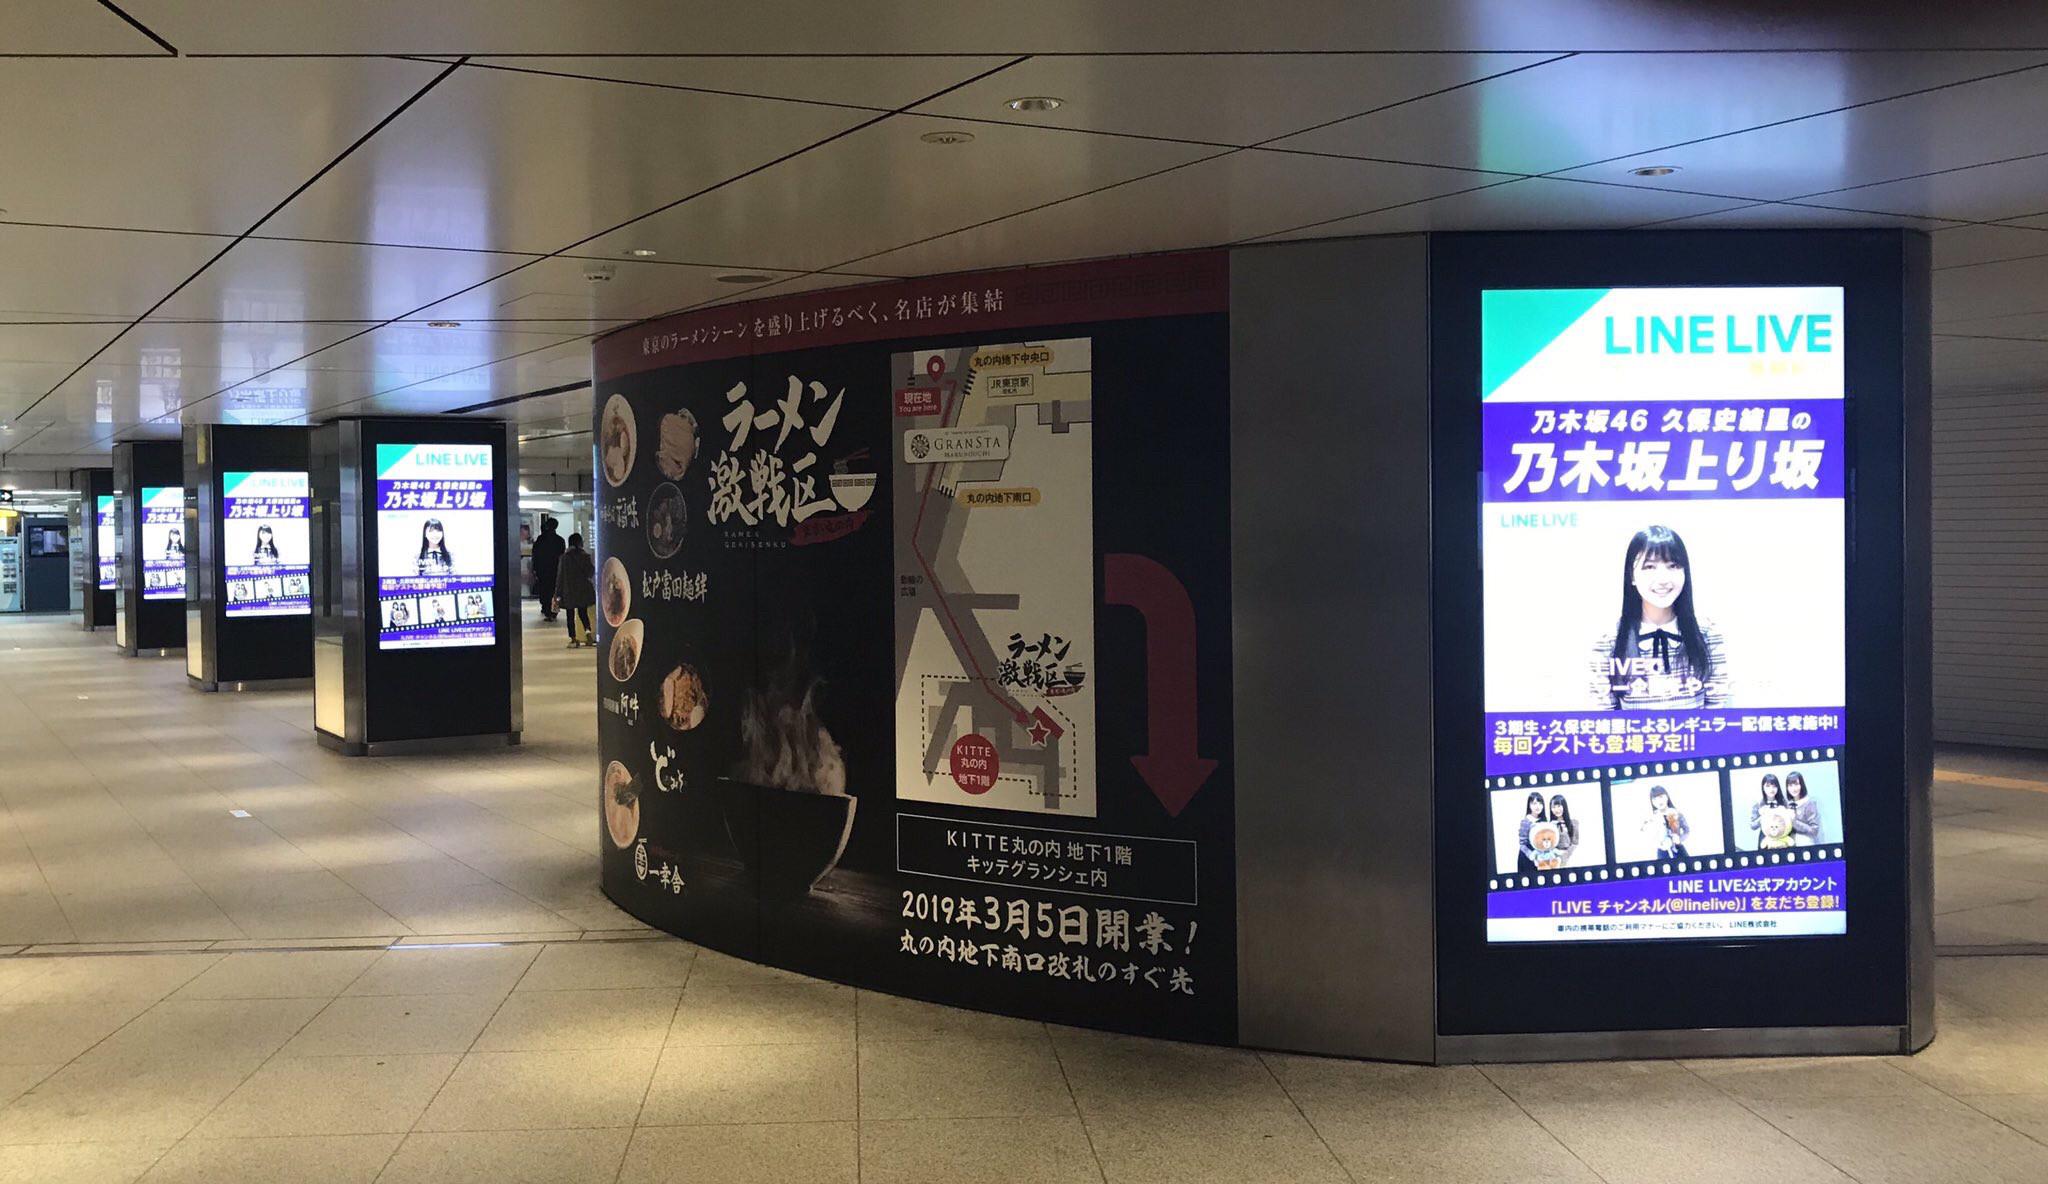 東京駅に「乃木坂46久保史緒里の乃木坂上り坂 LINE LIVE」のデジタルサイネージ